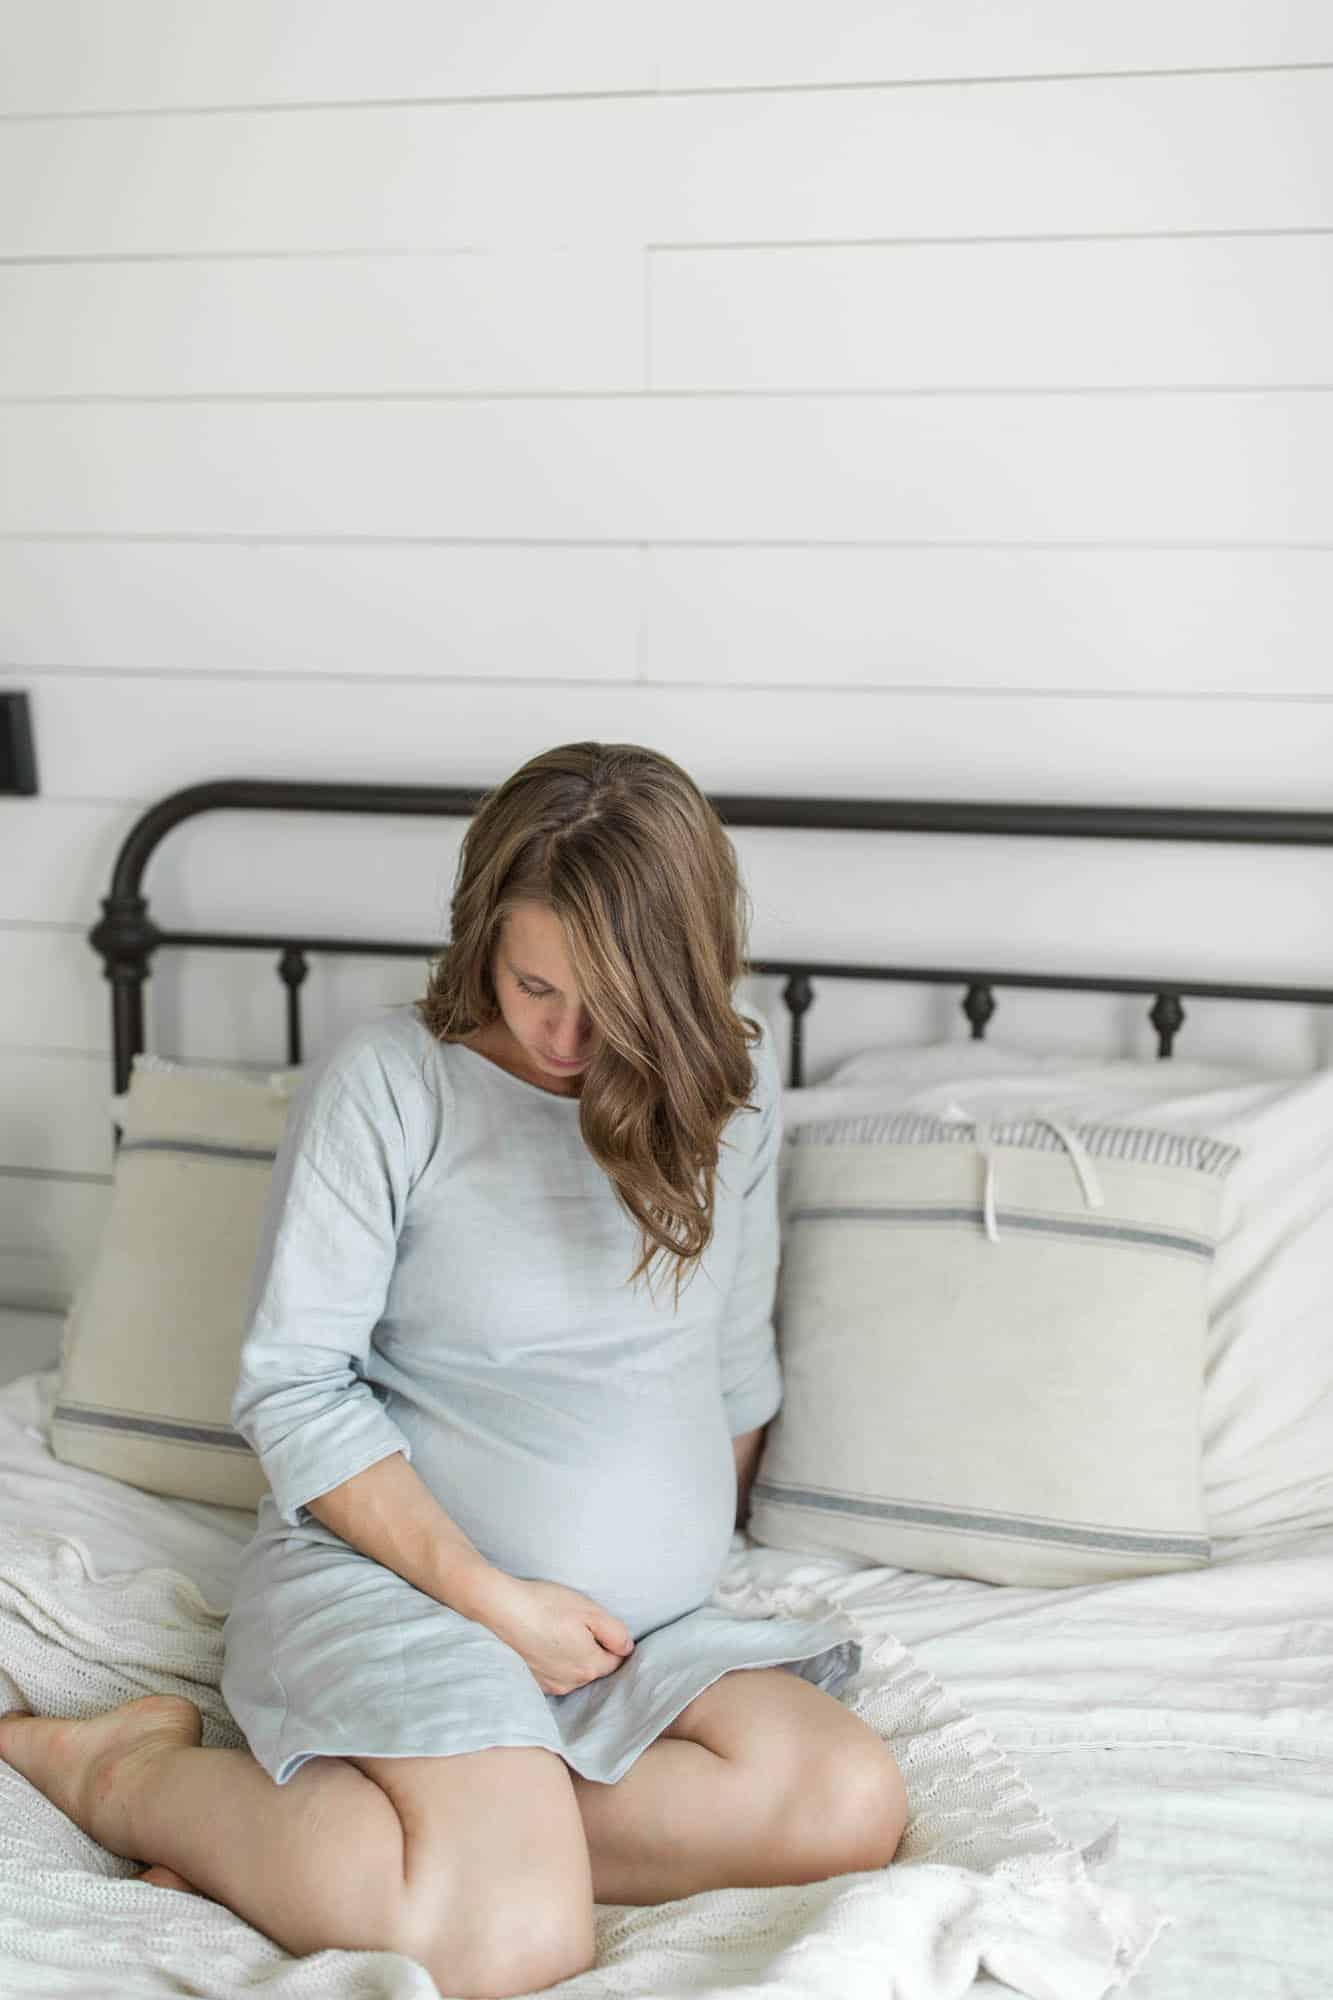 DIY Linen Maternity Dress How to Make a Dress Video Tutorial